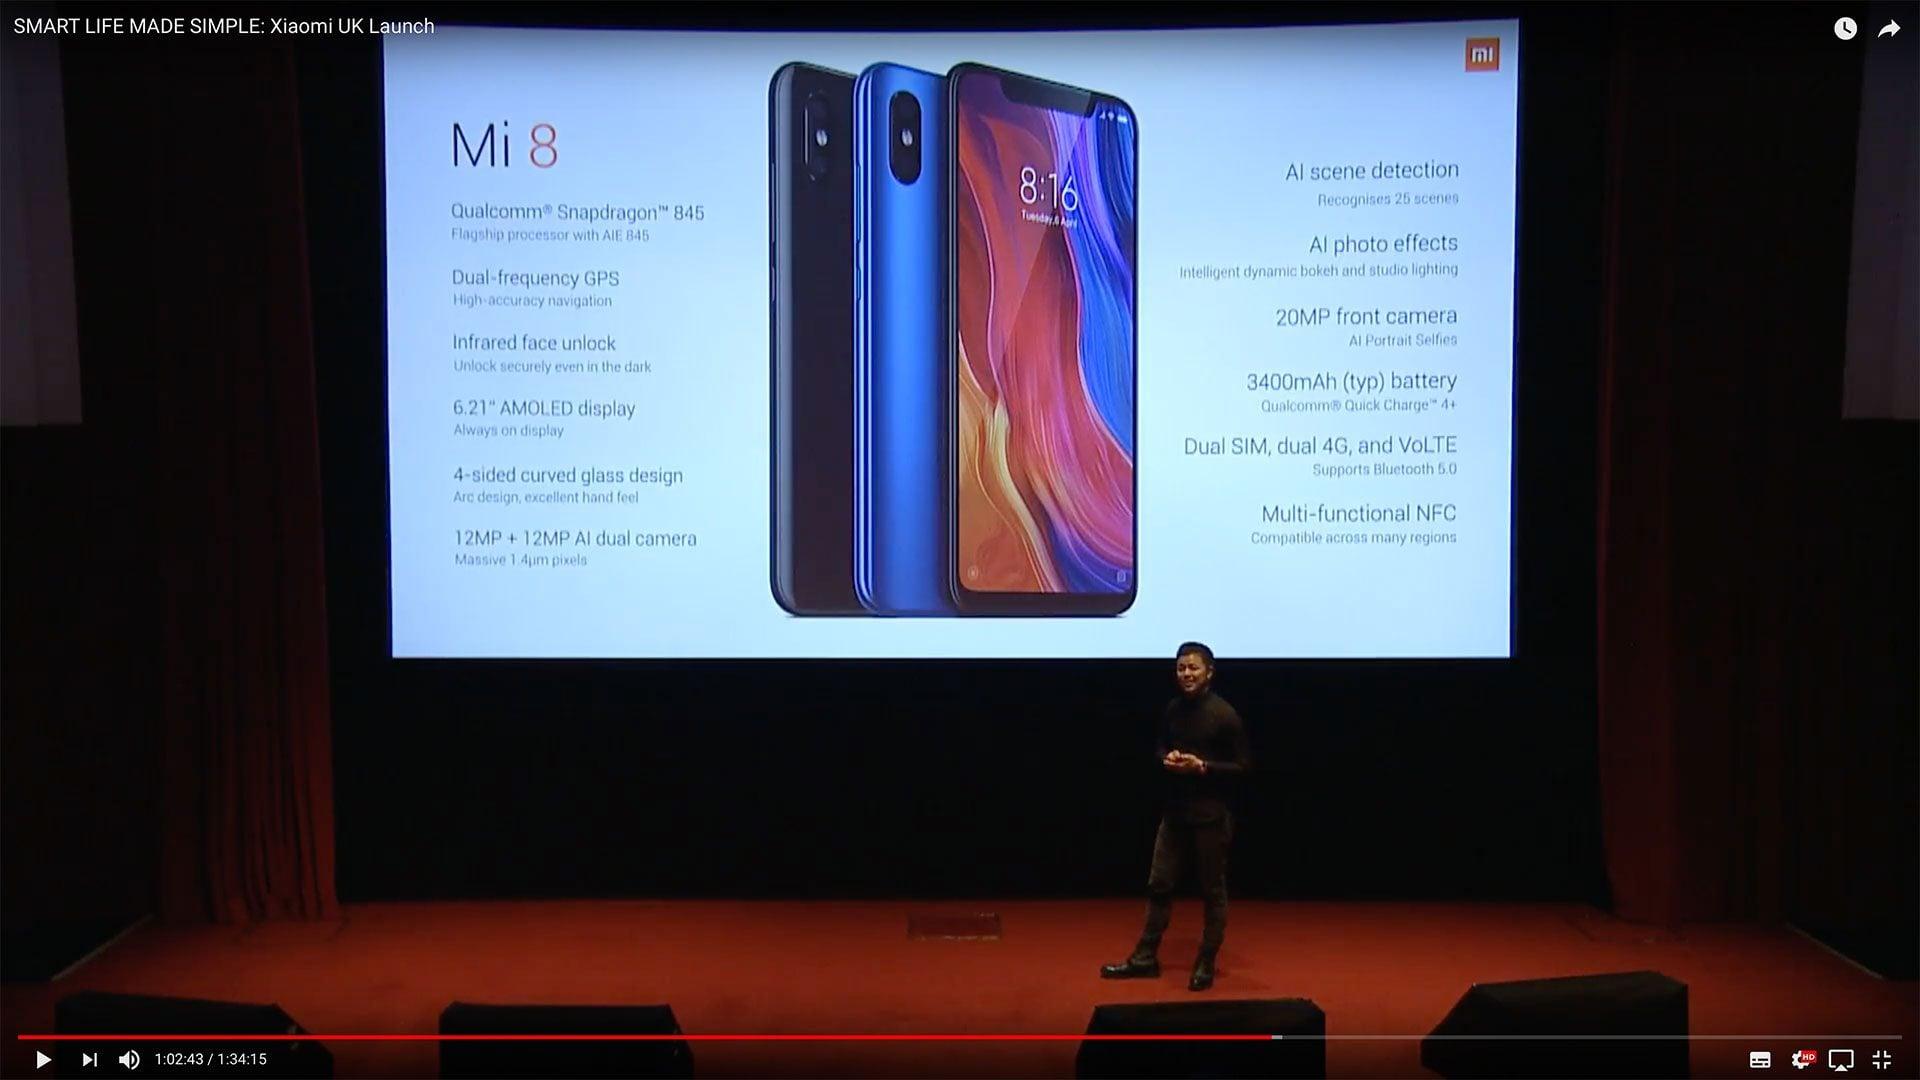 Xiaomi Launch Event UK –  Xiaomi nun offiziell im Vereinigten Königreich erhältlich 14 techboys.de • smarte News, auf den Punkt! Xiaomi Launch Event UK –  Xiaomi nun offiziell im Vereinigten Königreich erhältlich